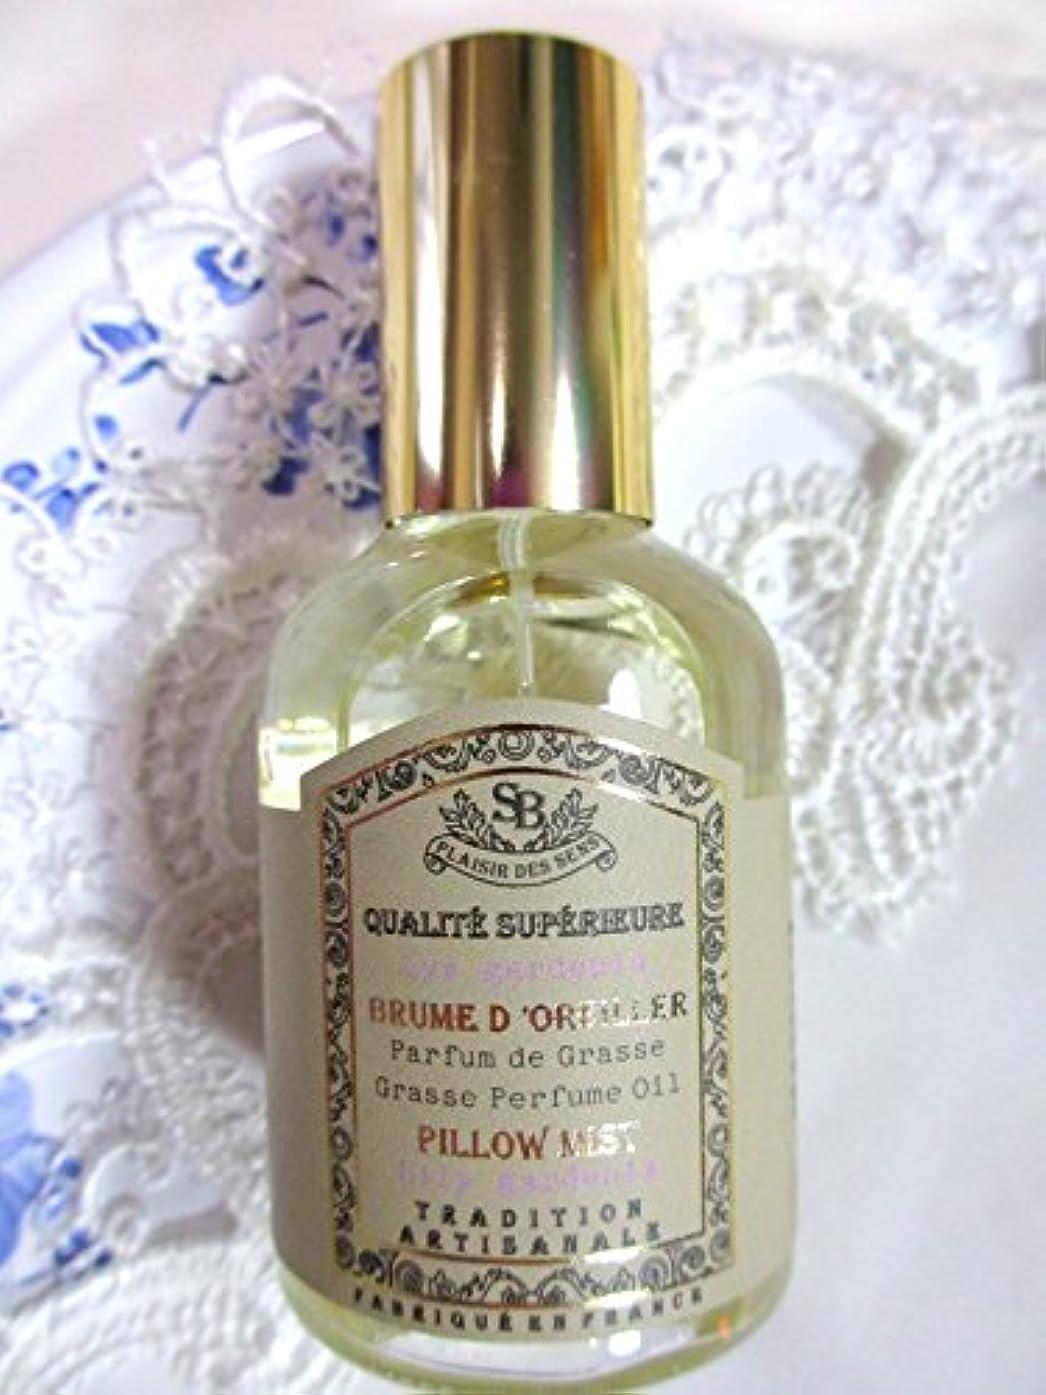 好色なドラム変色するSenteur et Beaute(サンタールエボーテ) French classic(フレンチクラシックシリーズ) ピローミスト 50ml 「リリーガーデニア」 4994228024367